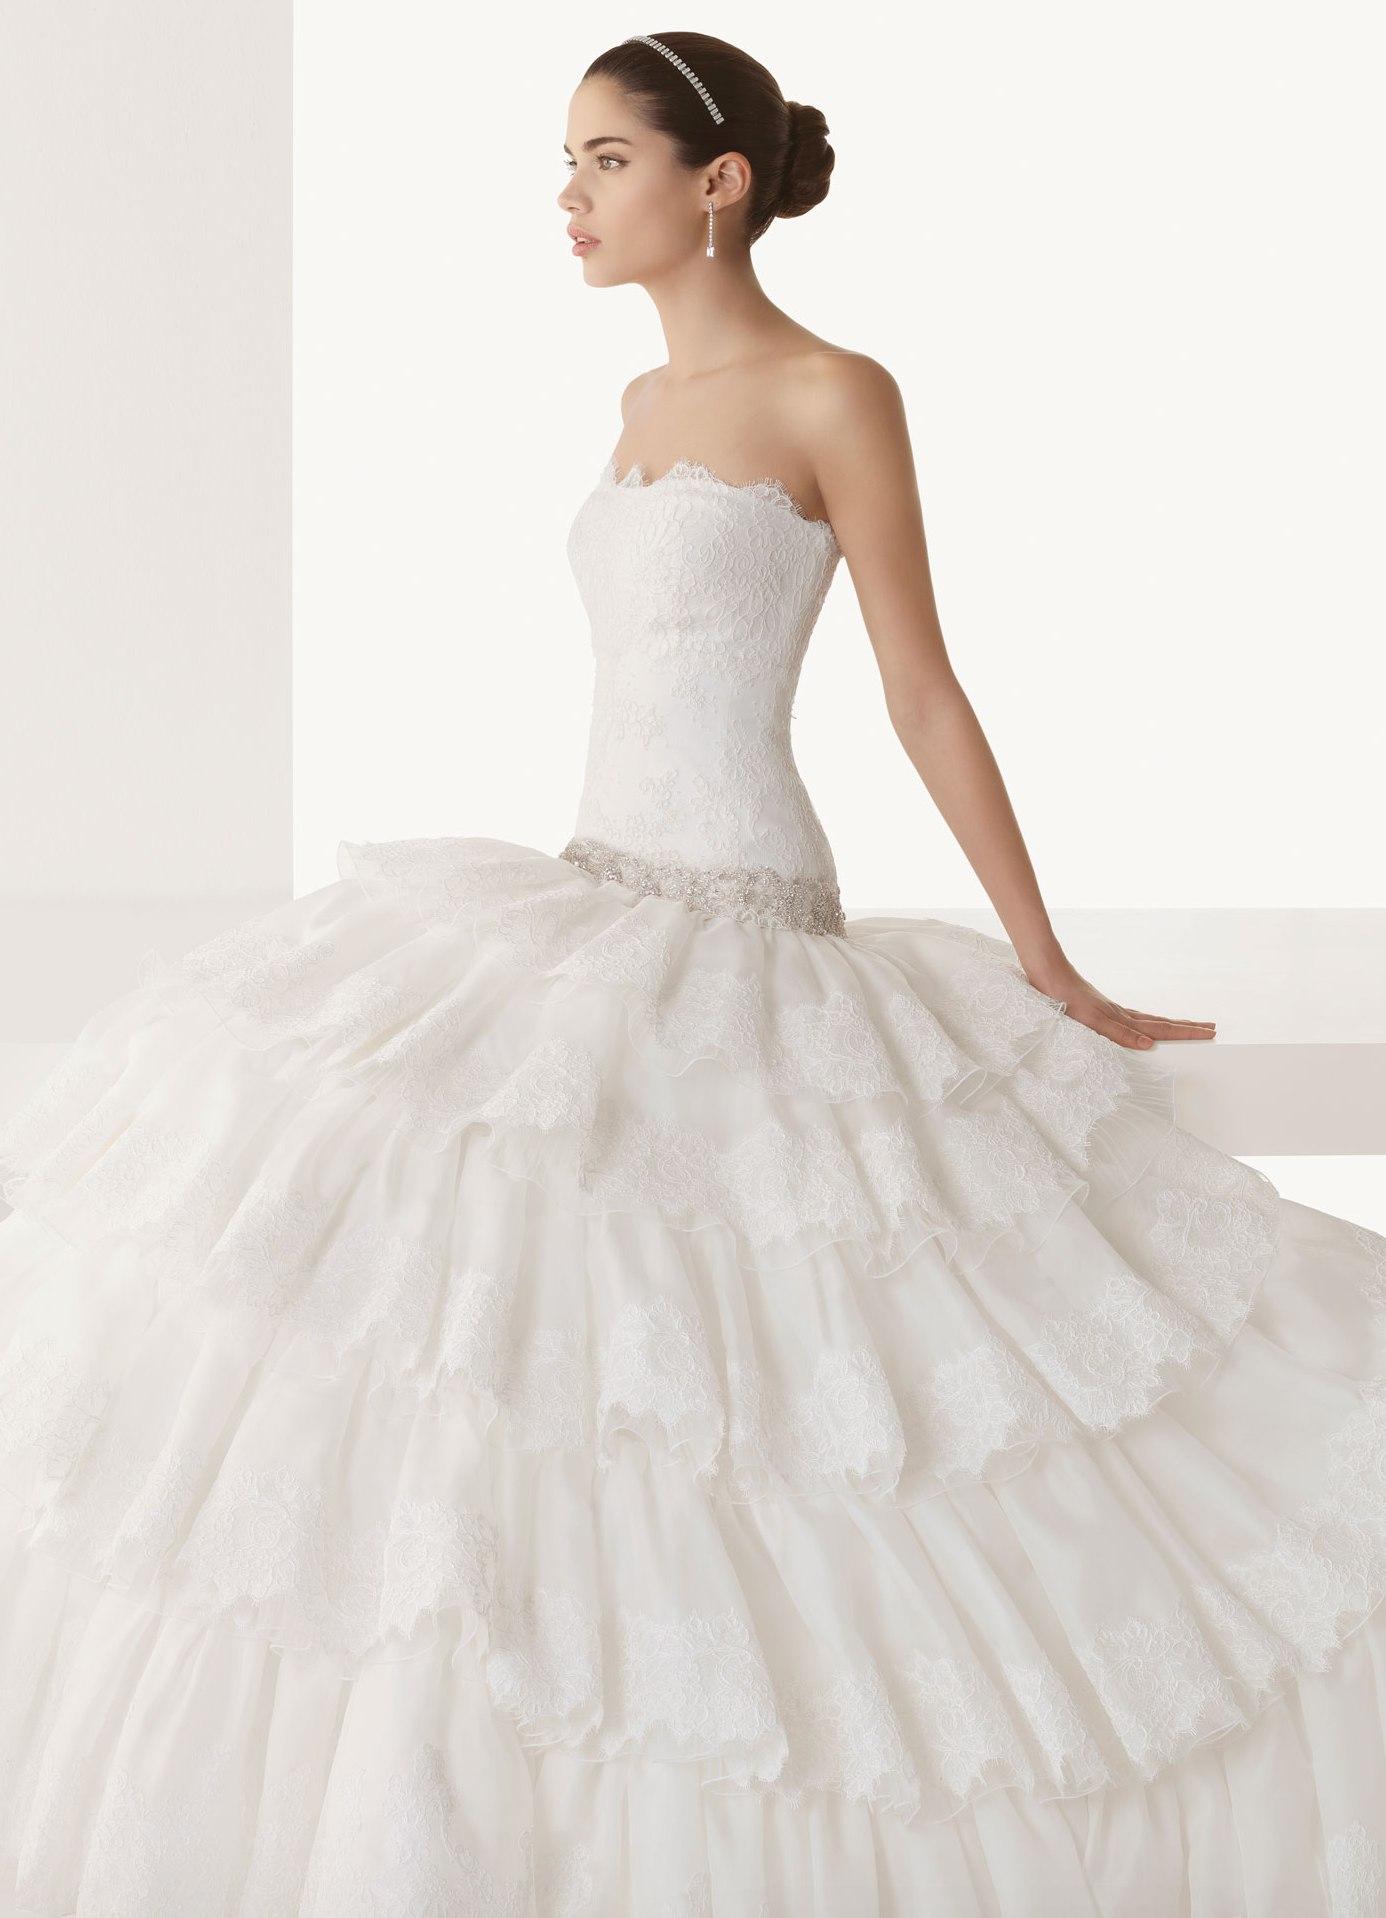 Клара свадебное платье